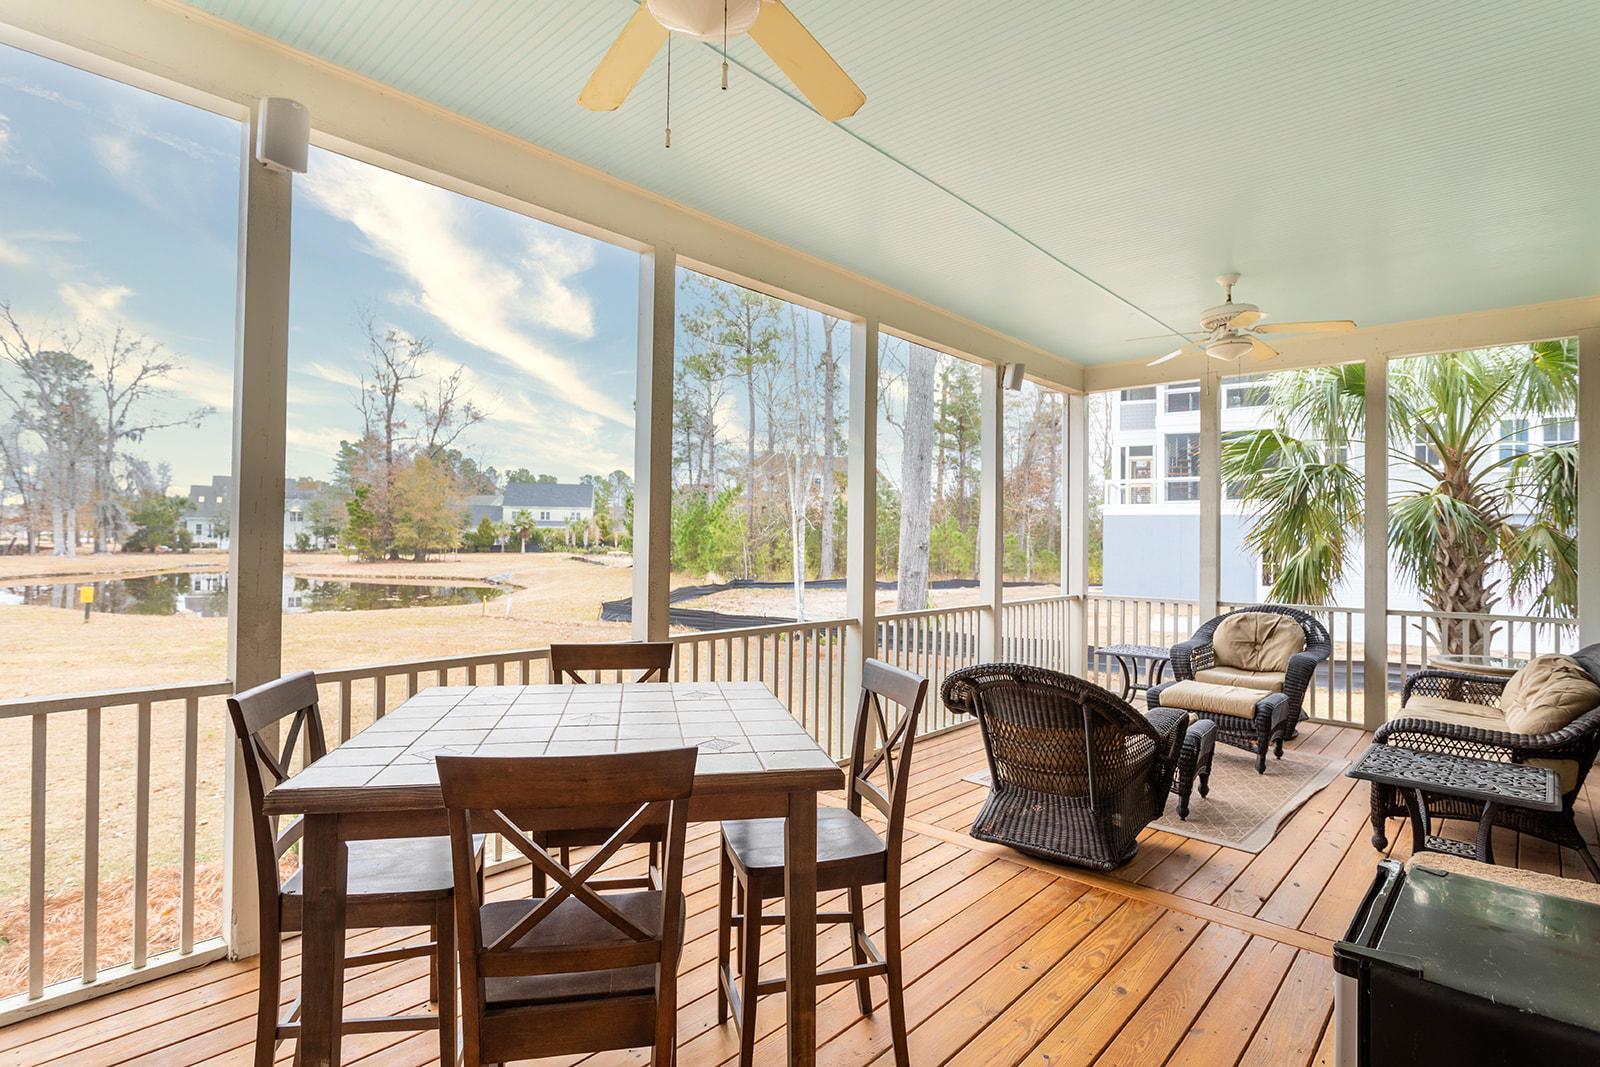 Dunes West Homes For Sale - 3019 Yachtsman, Mount Pleasant, SC - 0